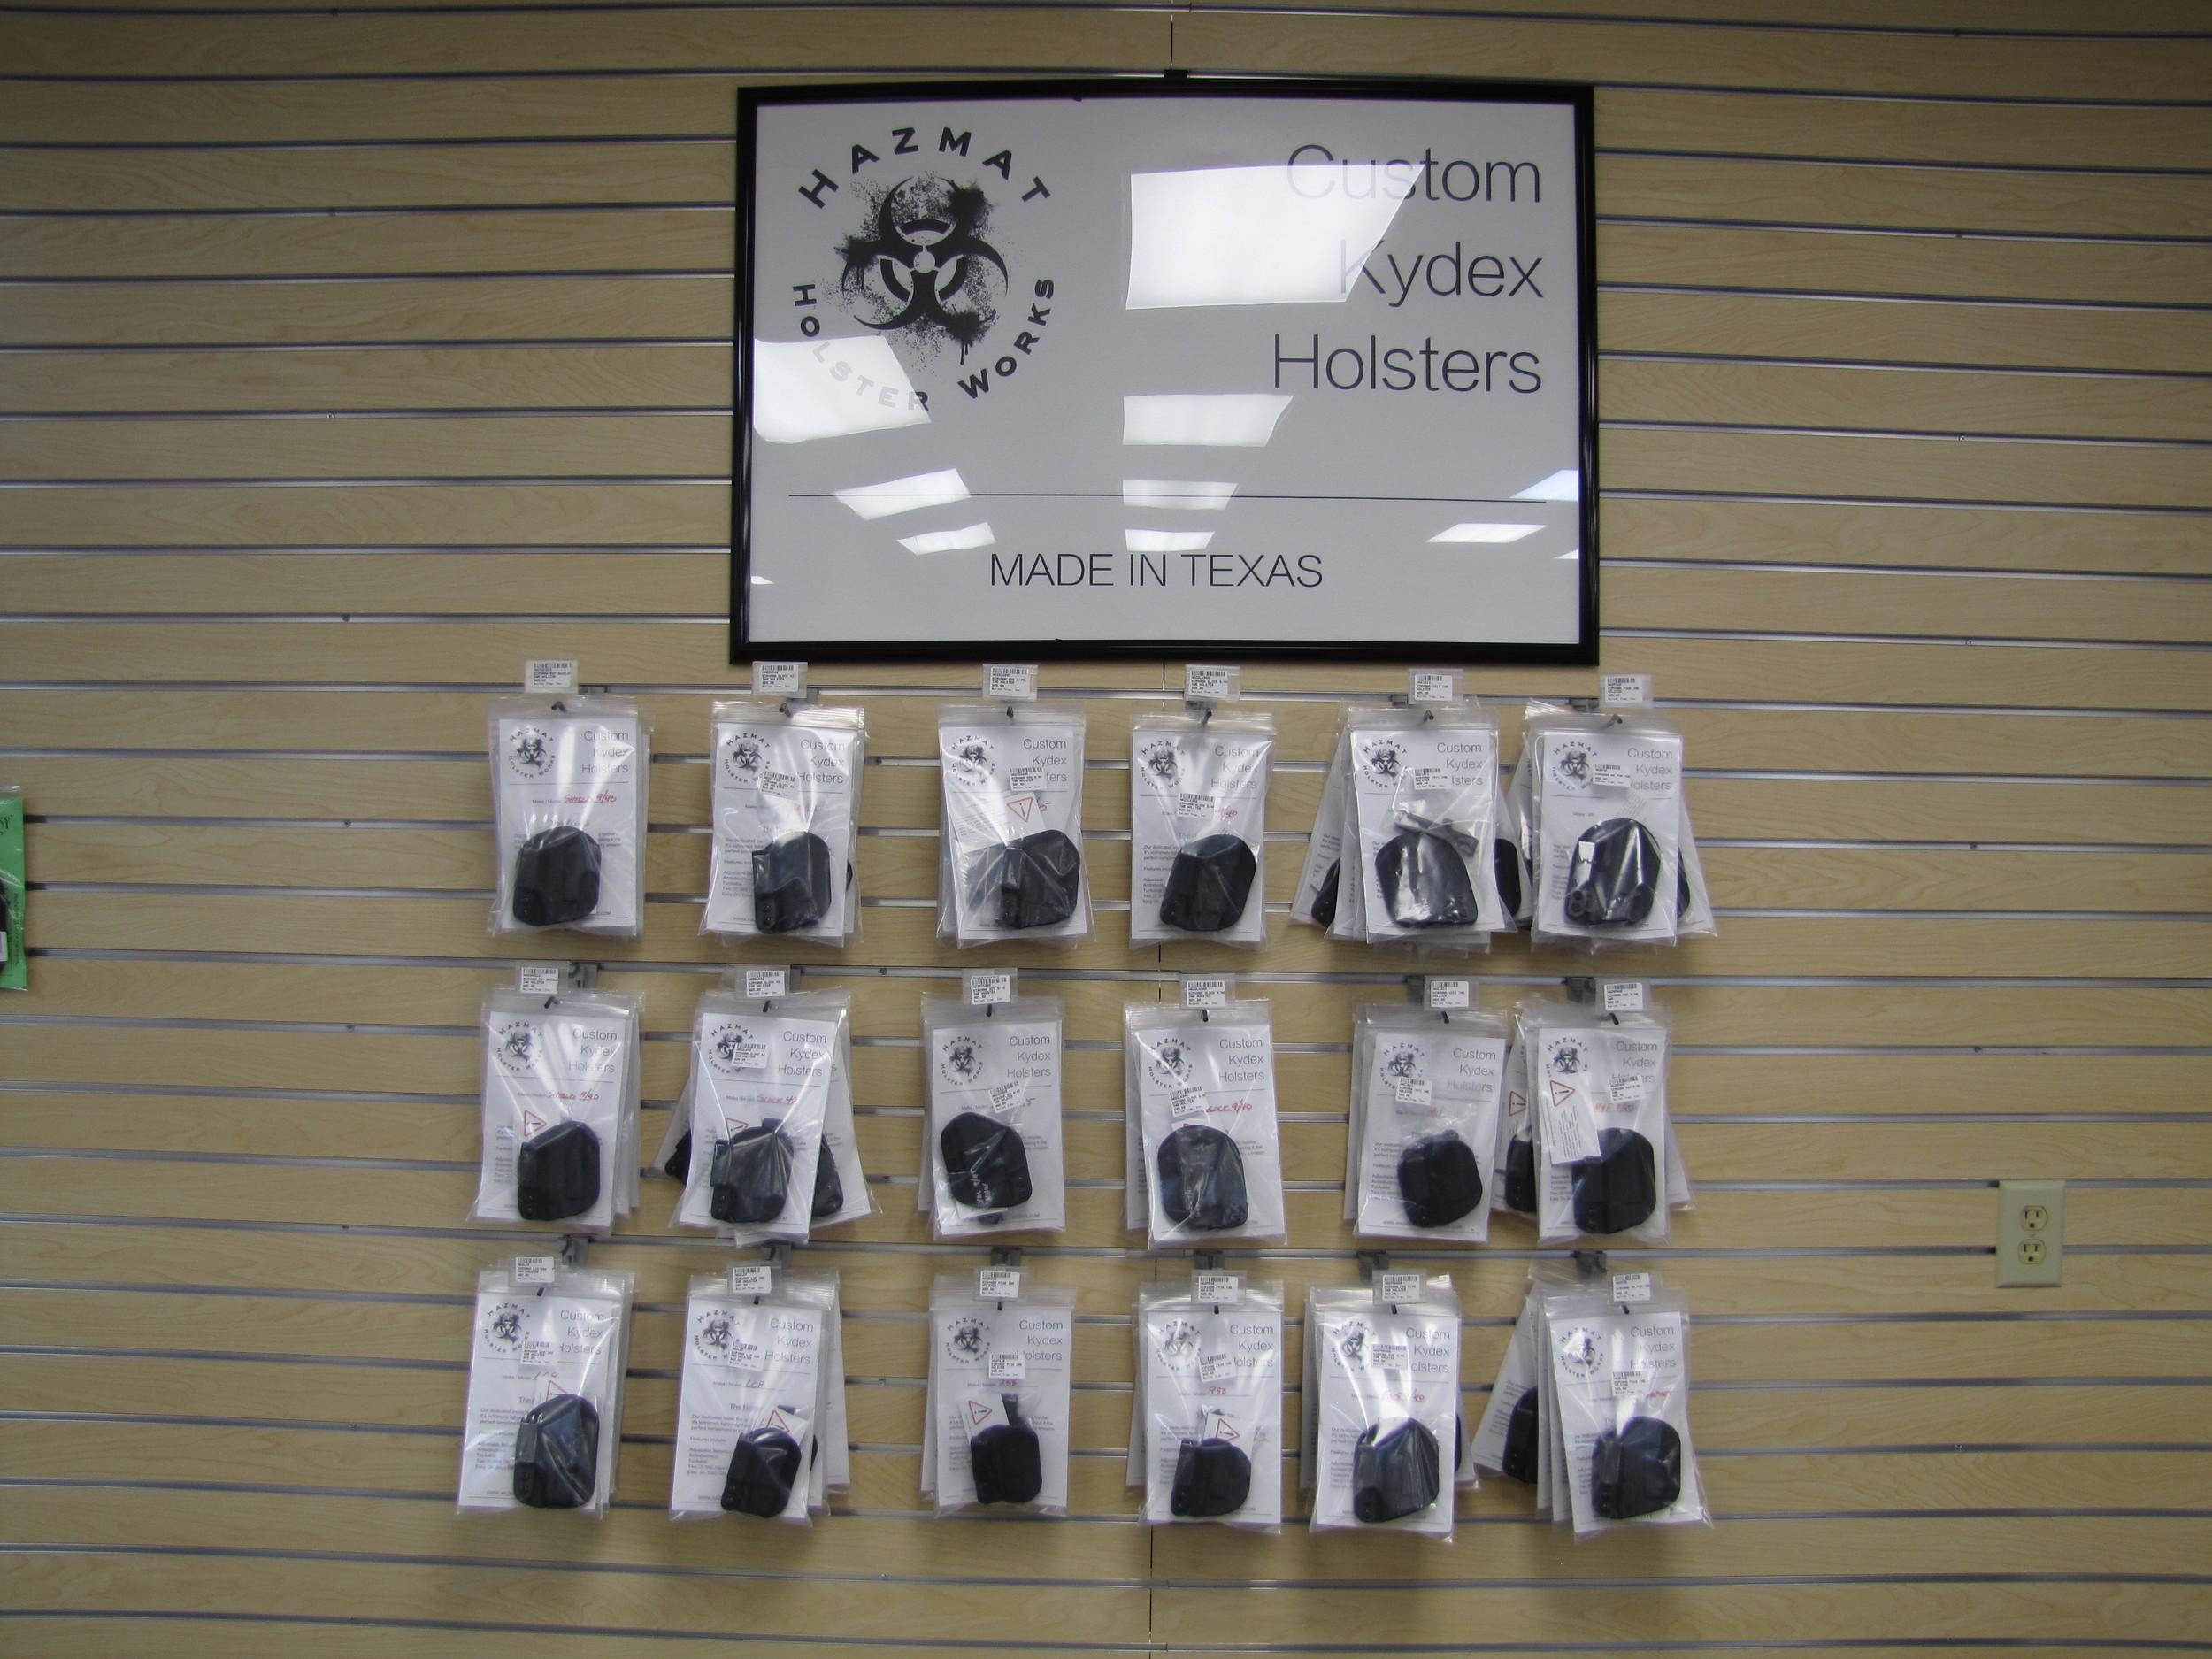 Custom-Kydex-Holsters.JPG